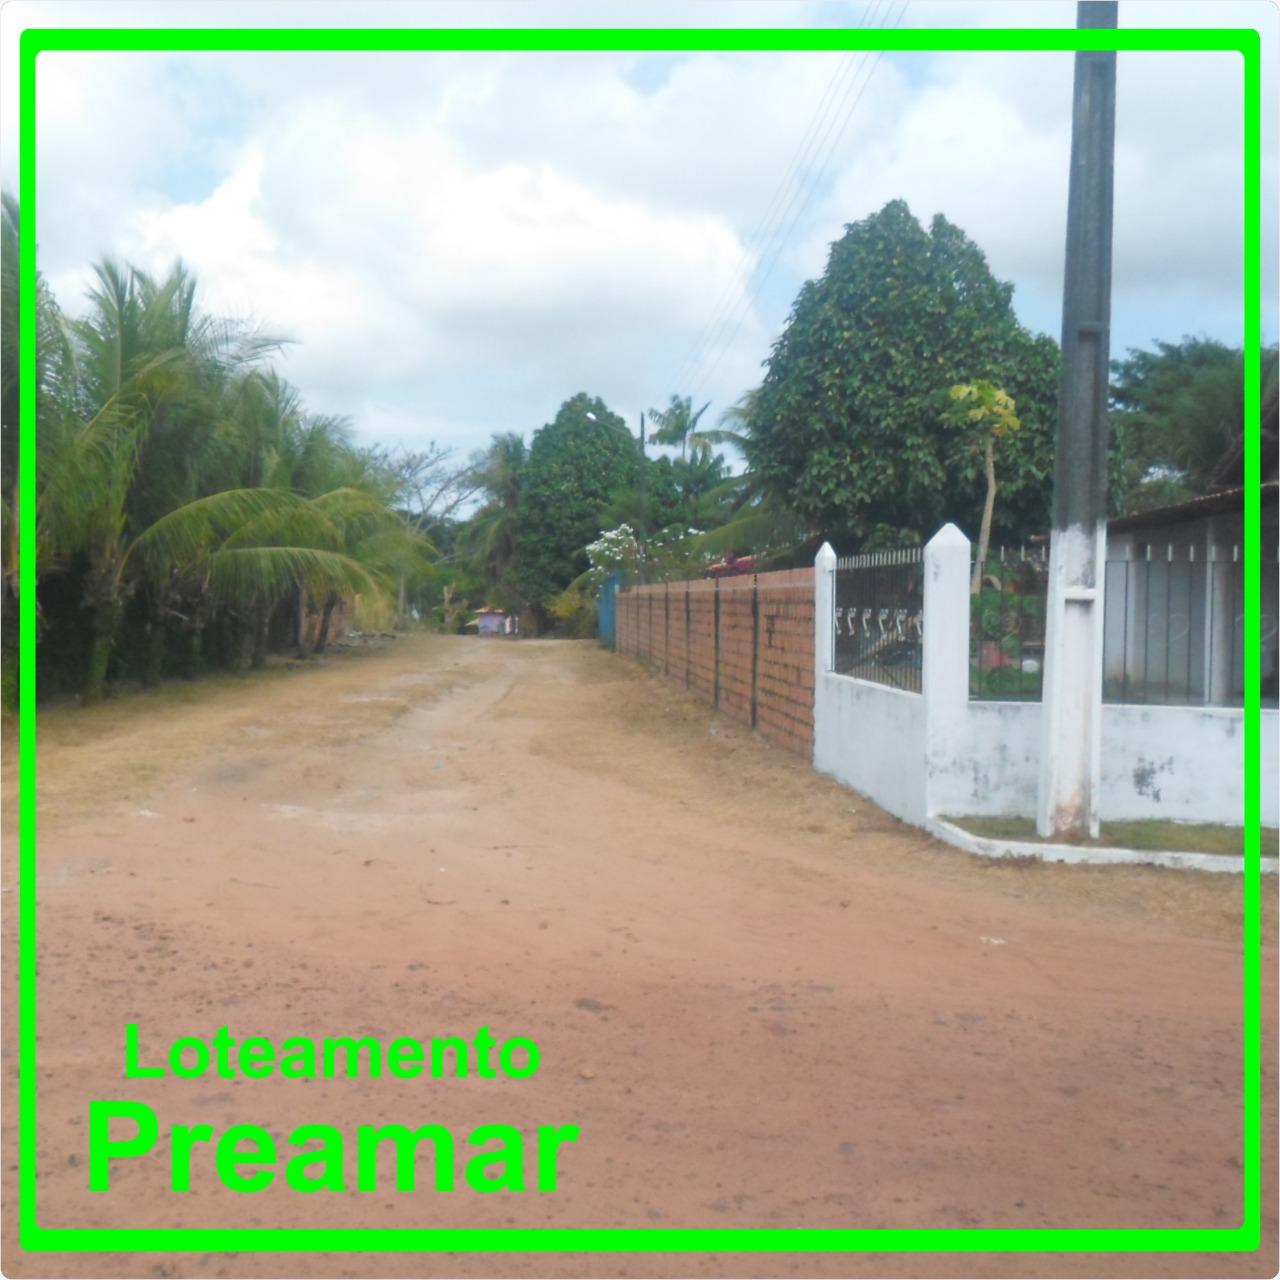 Terrenos-Salinas-Loteamento-Preamar-lotes-Parreira Corretor-em-Salinas-salinópolis-Pará